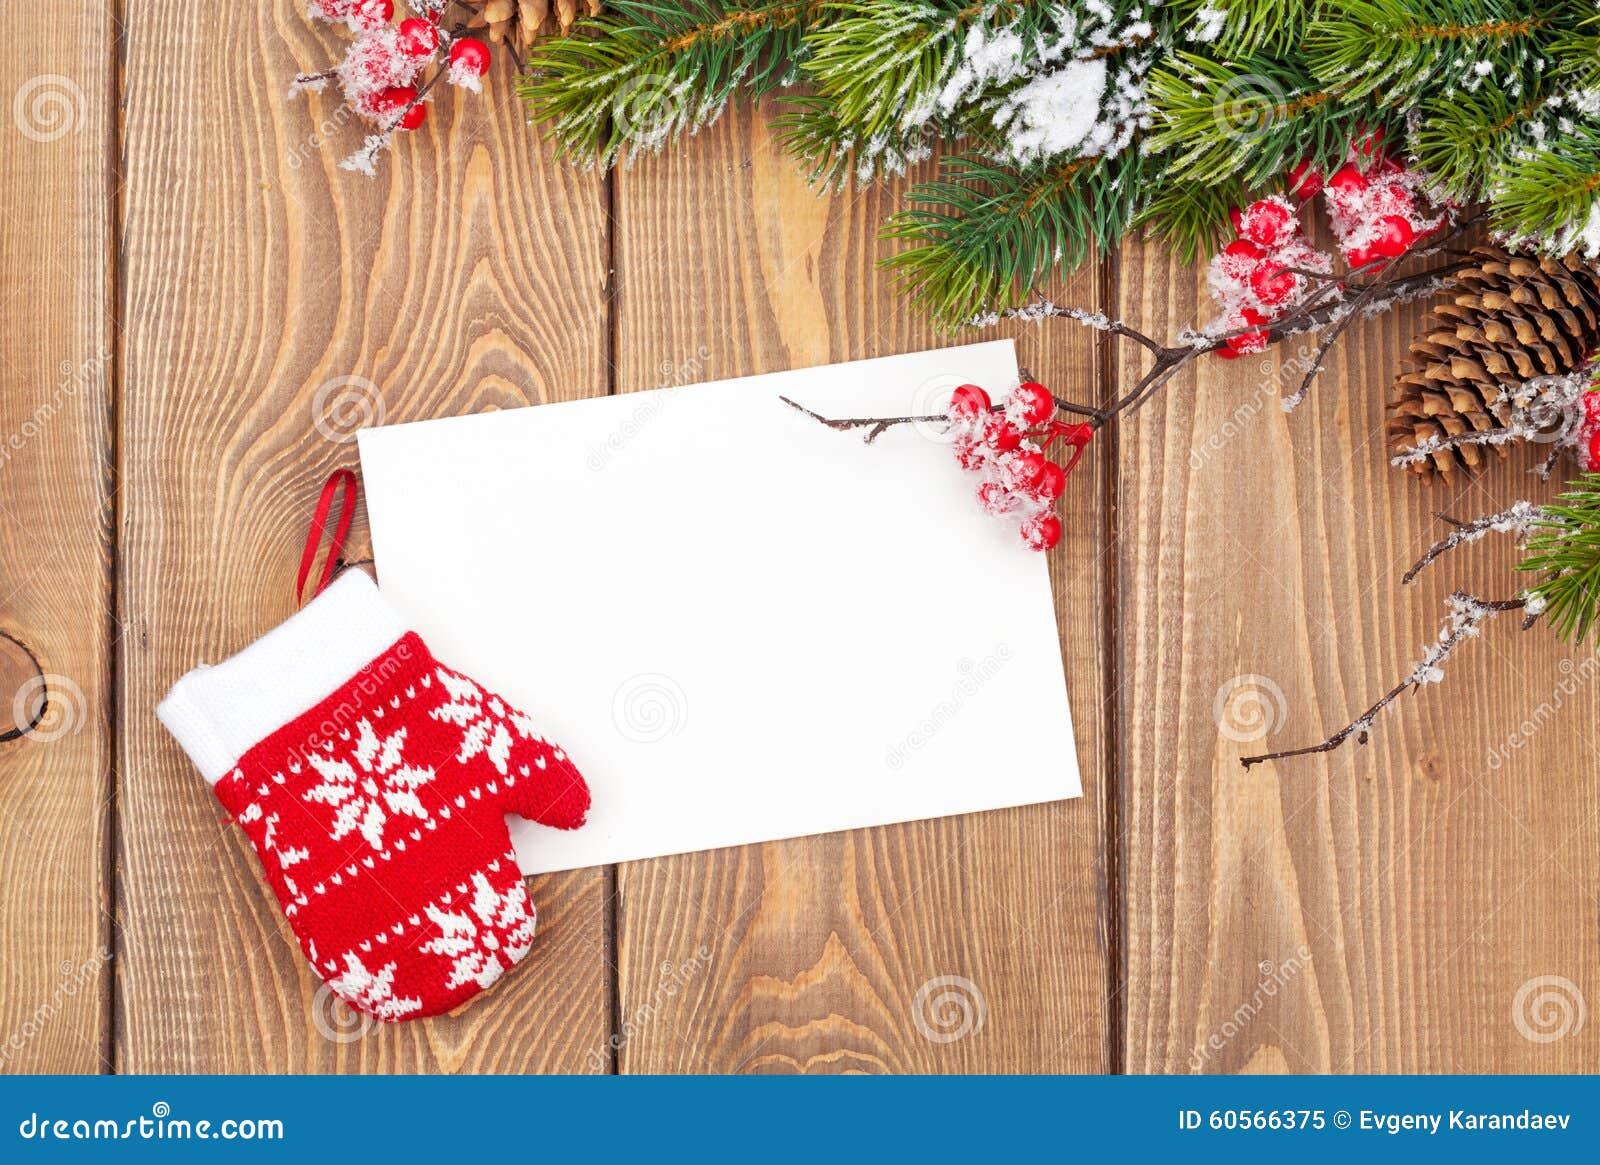 Weihnachtsbaumast Und Leere Grußkarte Stockbild - Bild von nave ...